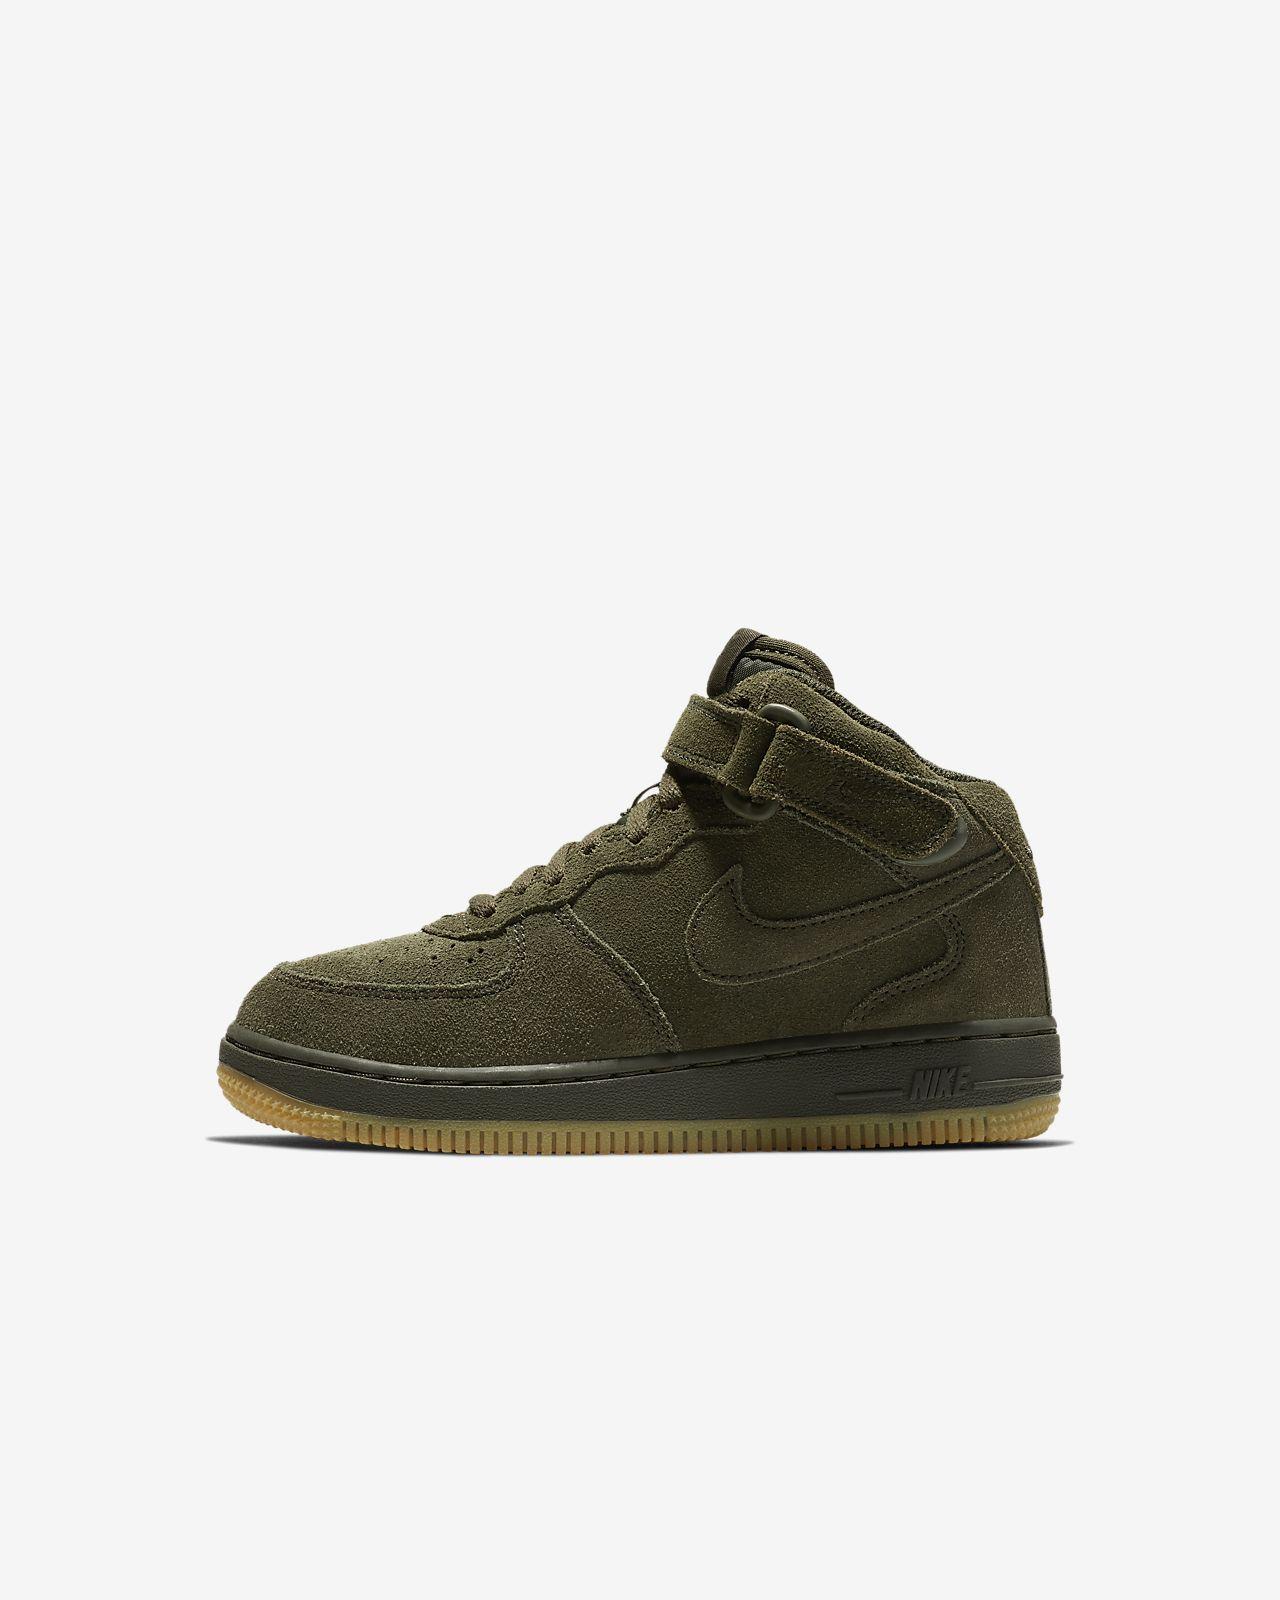 nouveau style 40e0c 8de23 Chaussure Nike Air Force 1 Mid LV8 pour Jeune enfant